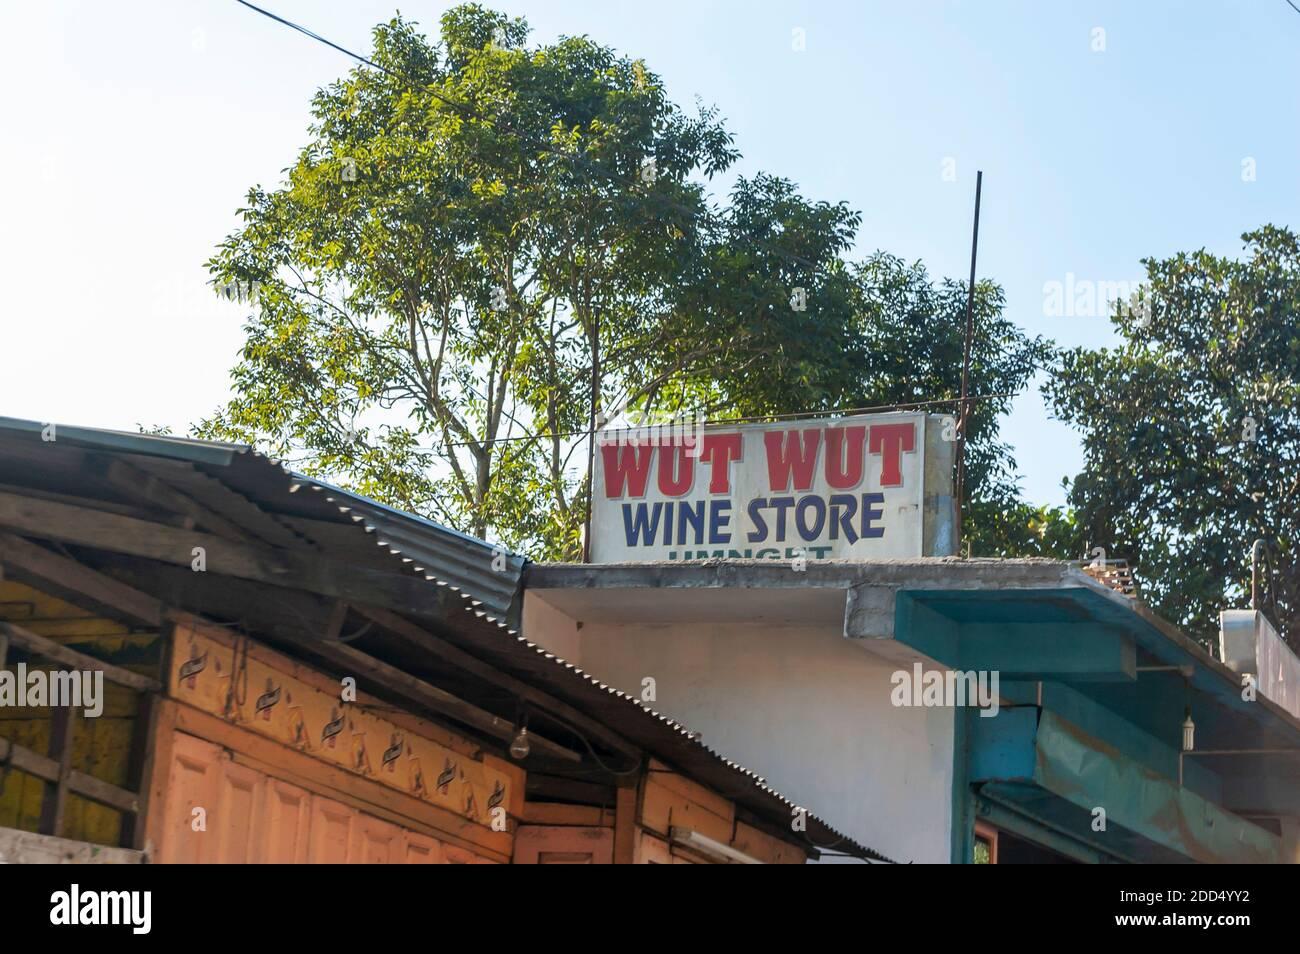 Una tienda de vinos y licores llamada Wut Wut en la carretera Shillong-Guwahati, Meghalaya, India. Foto de stock